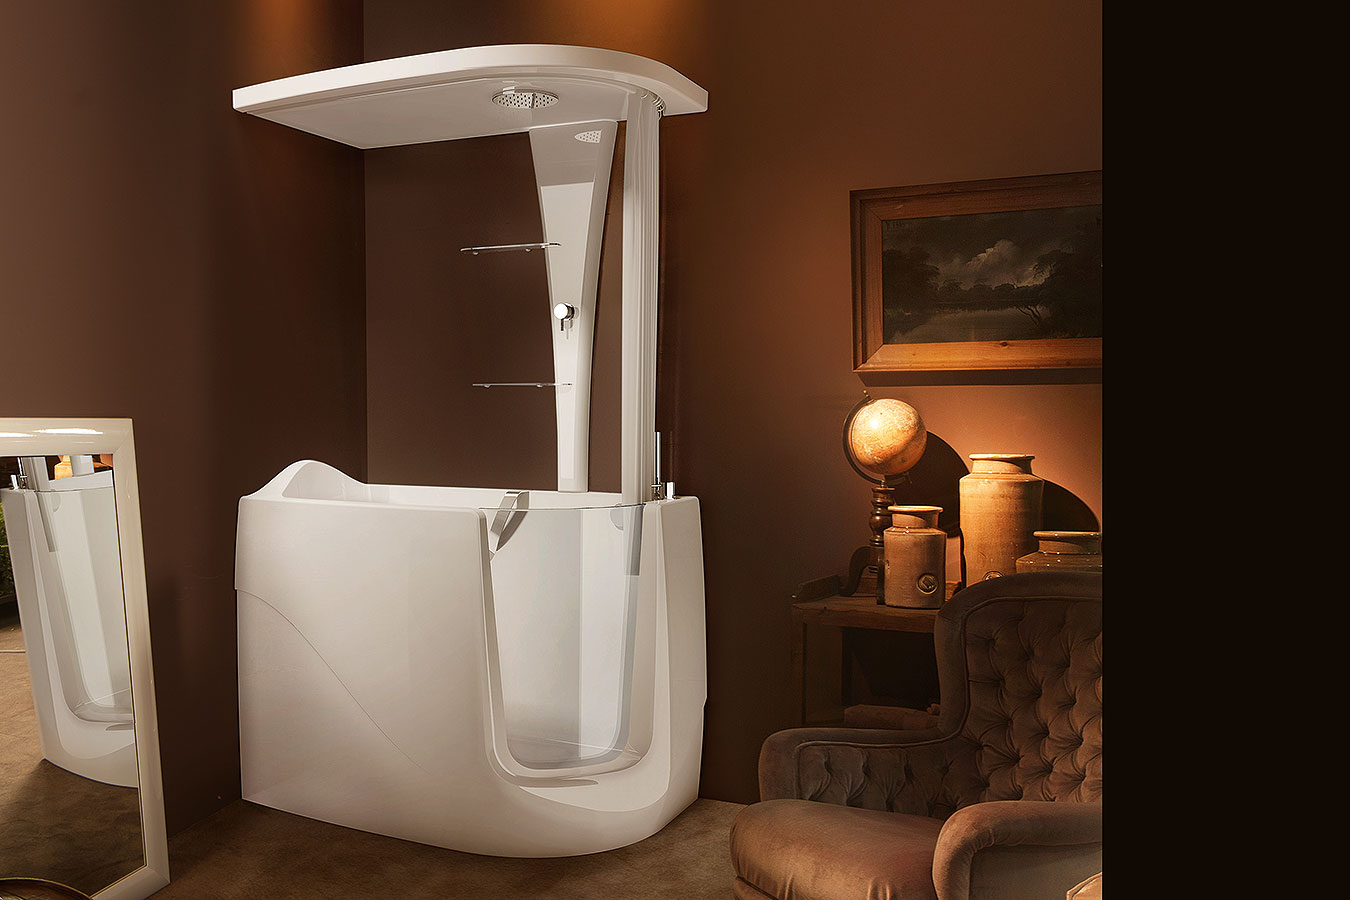 Gen x top i vasca da bagno per disabili anziani - Vernici per vasche da bagno ...